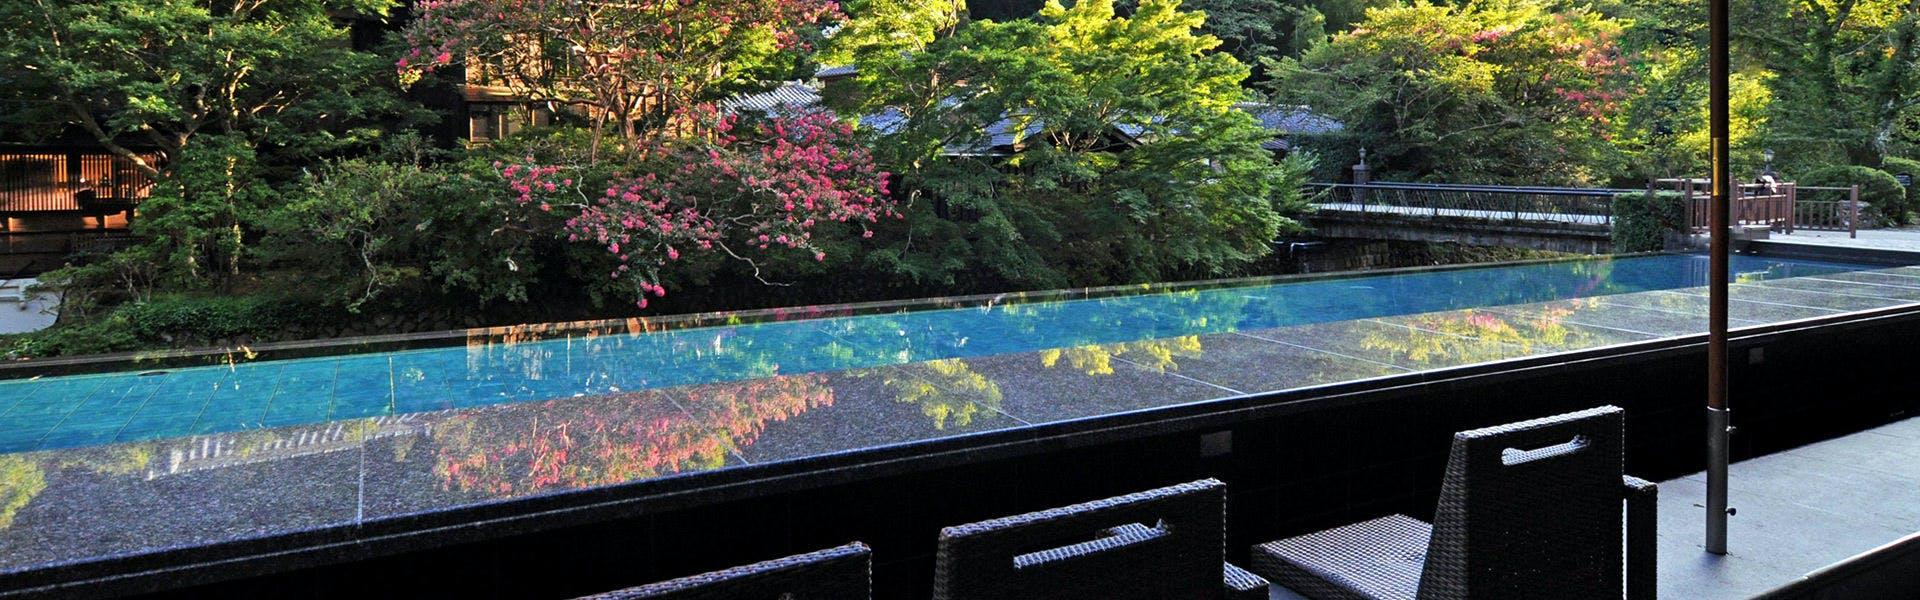 記念日におすすめのホテル・東府やResort&Spa-Izuの写真2